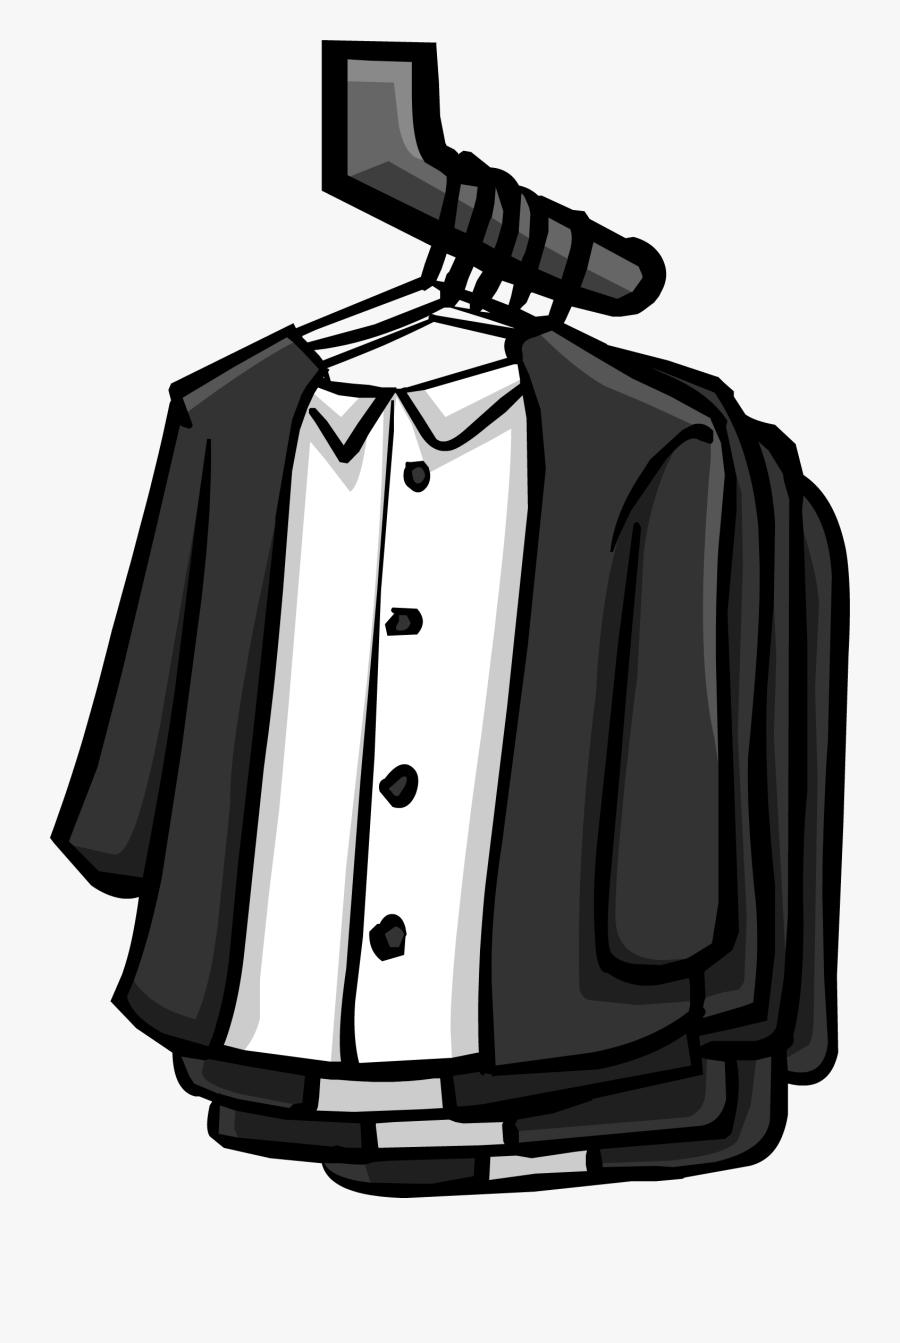 Transparent Clothes Hanger Clipart - Club Penguin Furniture, Transparent Clipart